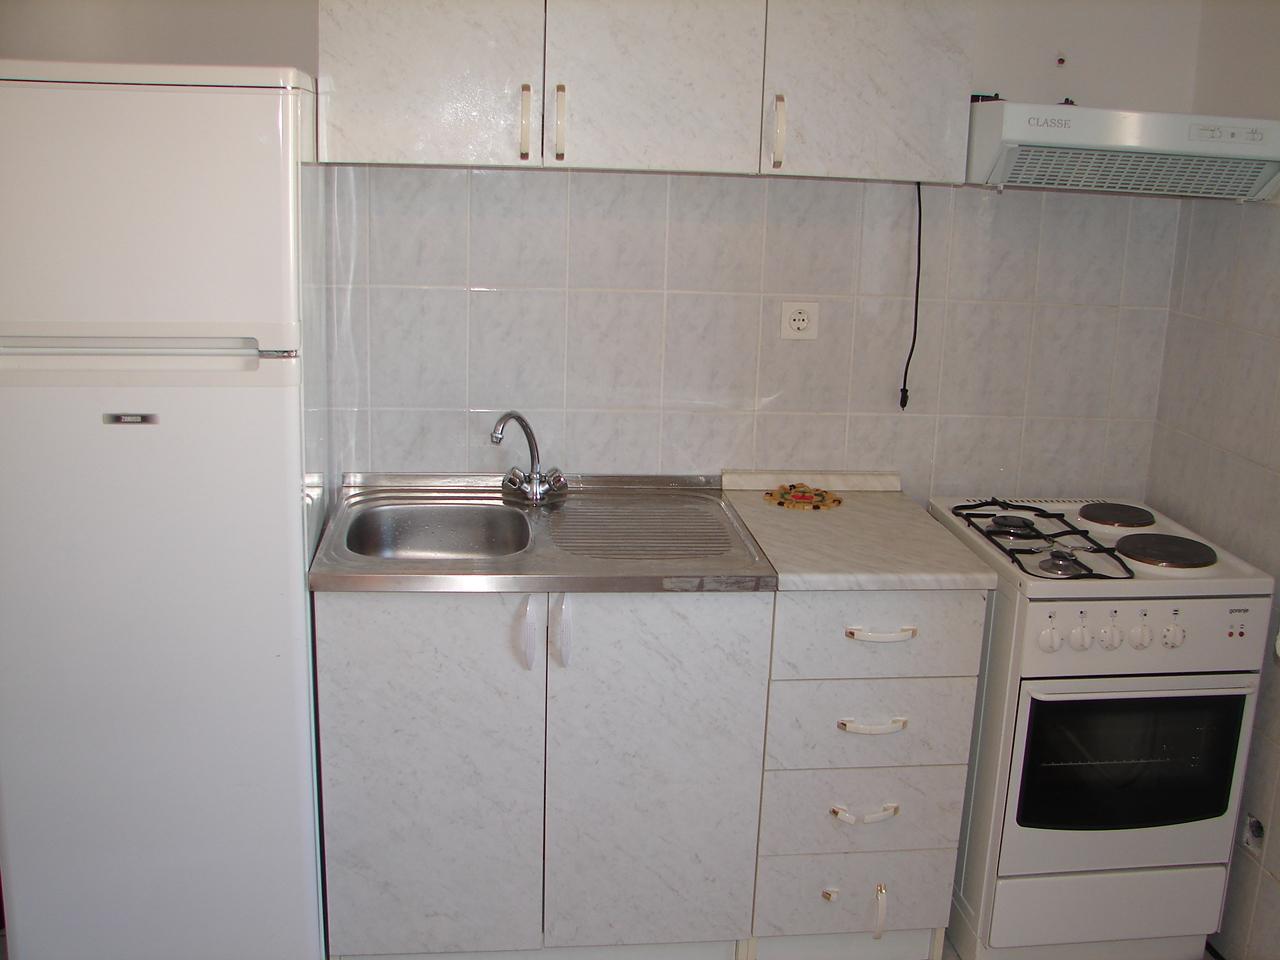 01606VODI - Vodice - Apartmanok Horvátország - A1(4+1): konyha